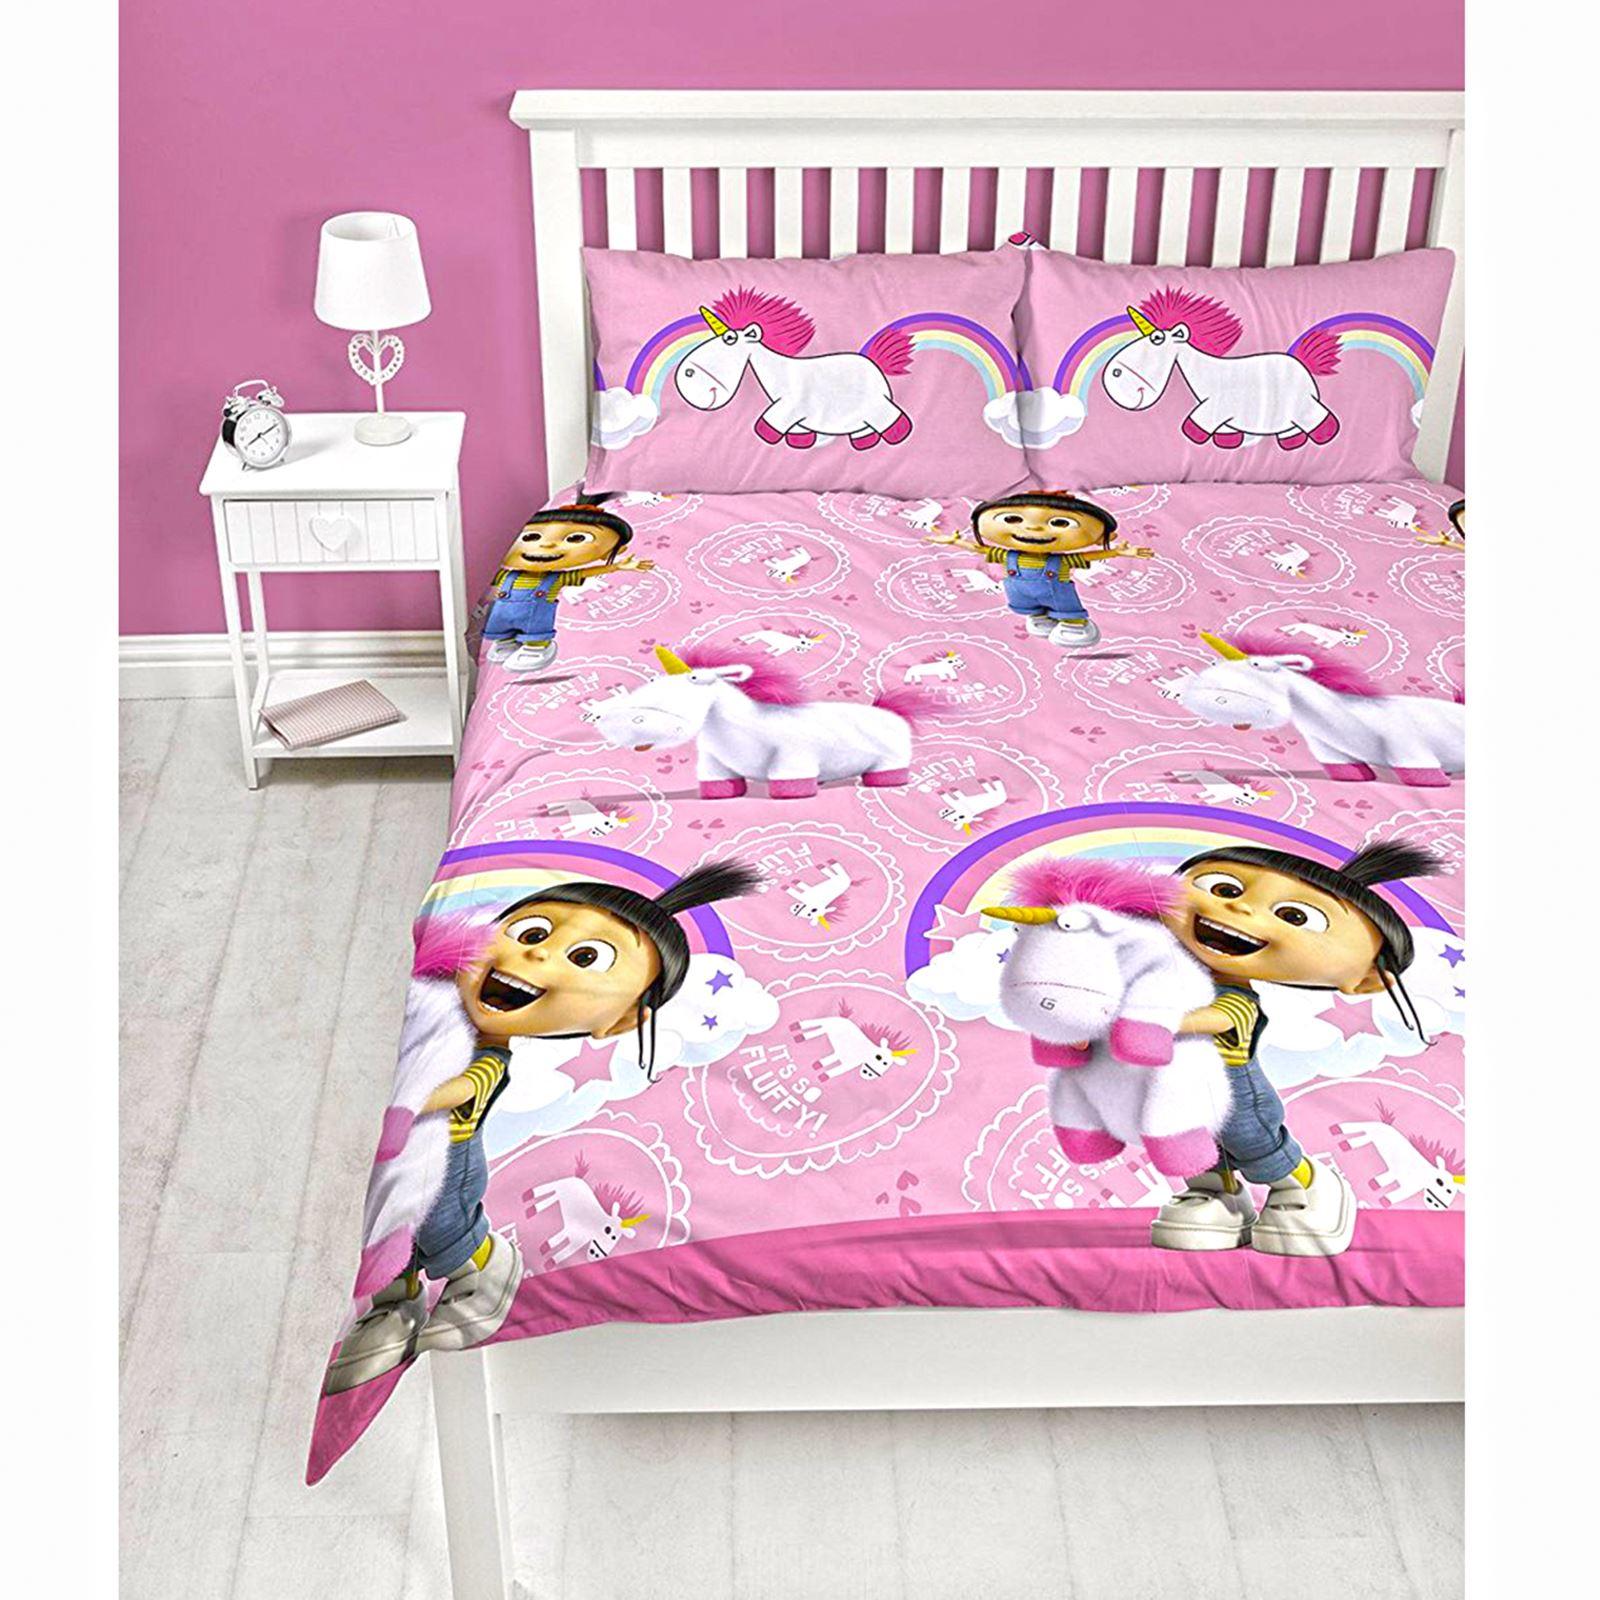 moi moche et m chant r ve veill licorne agnes set housse de couette double ebay. Black Bedroom Furniture Sets. Home Design Ideas